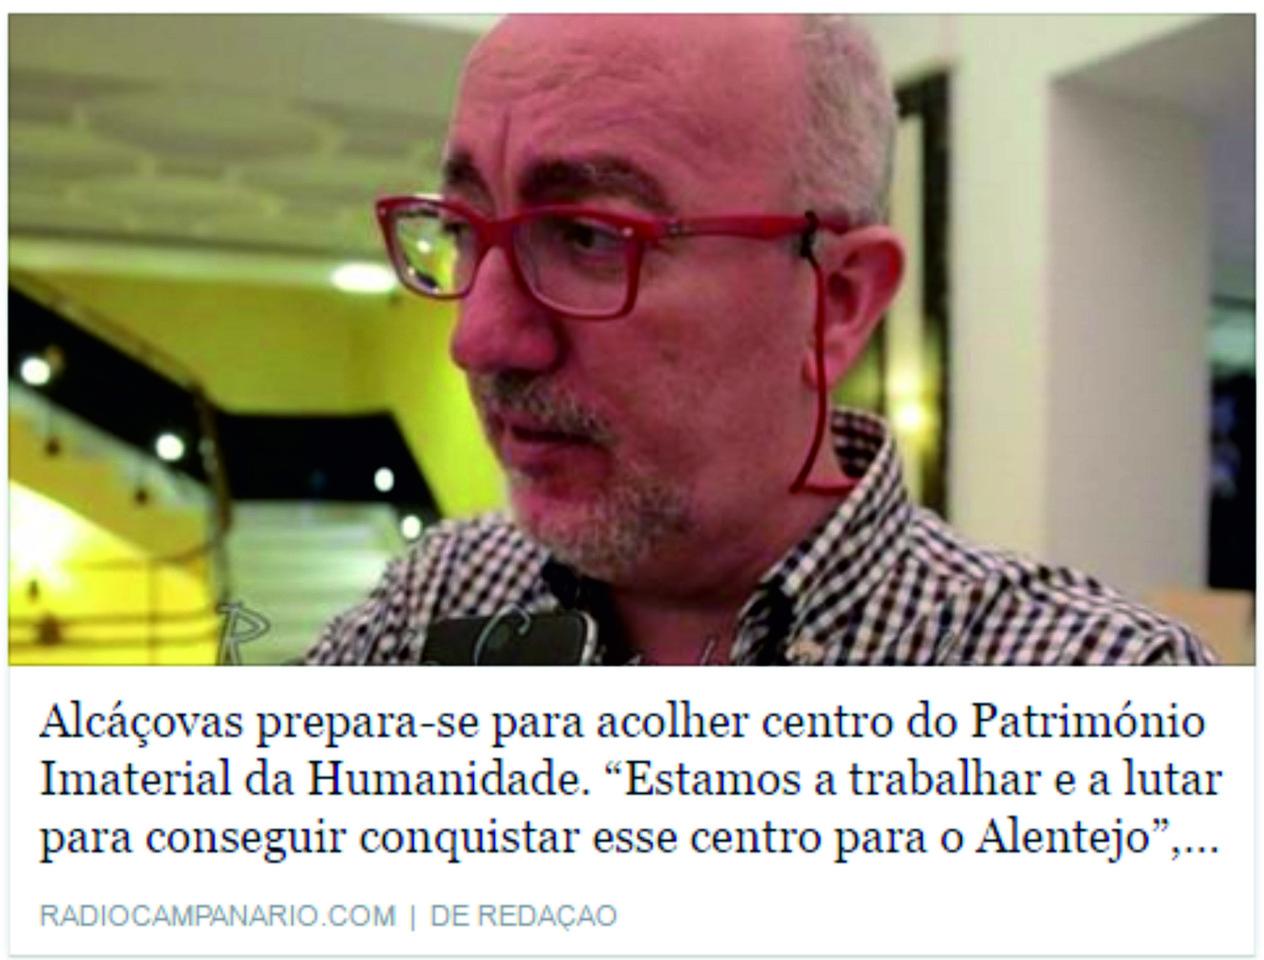 8_Noticia_Campanario.jpg